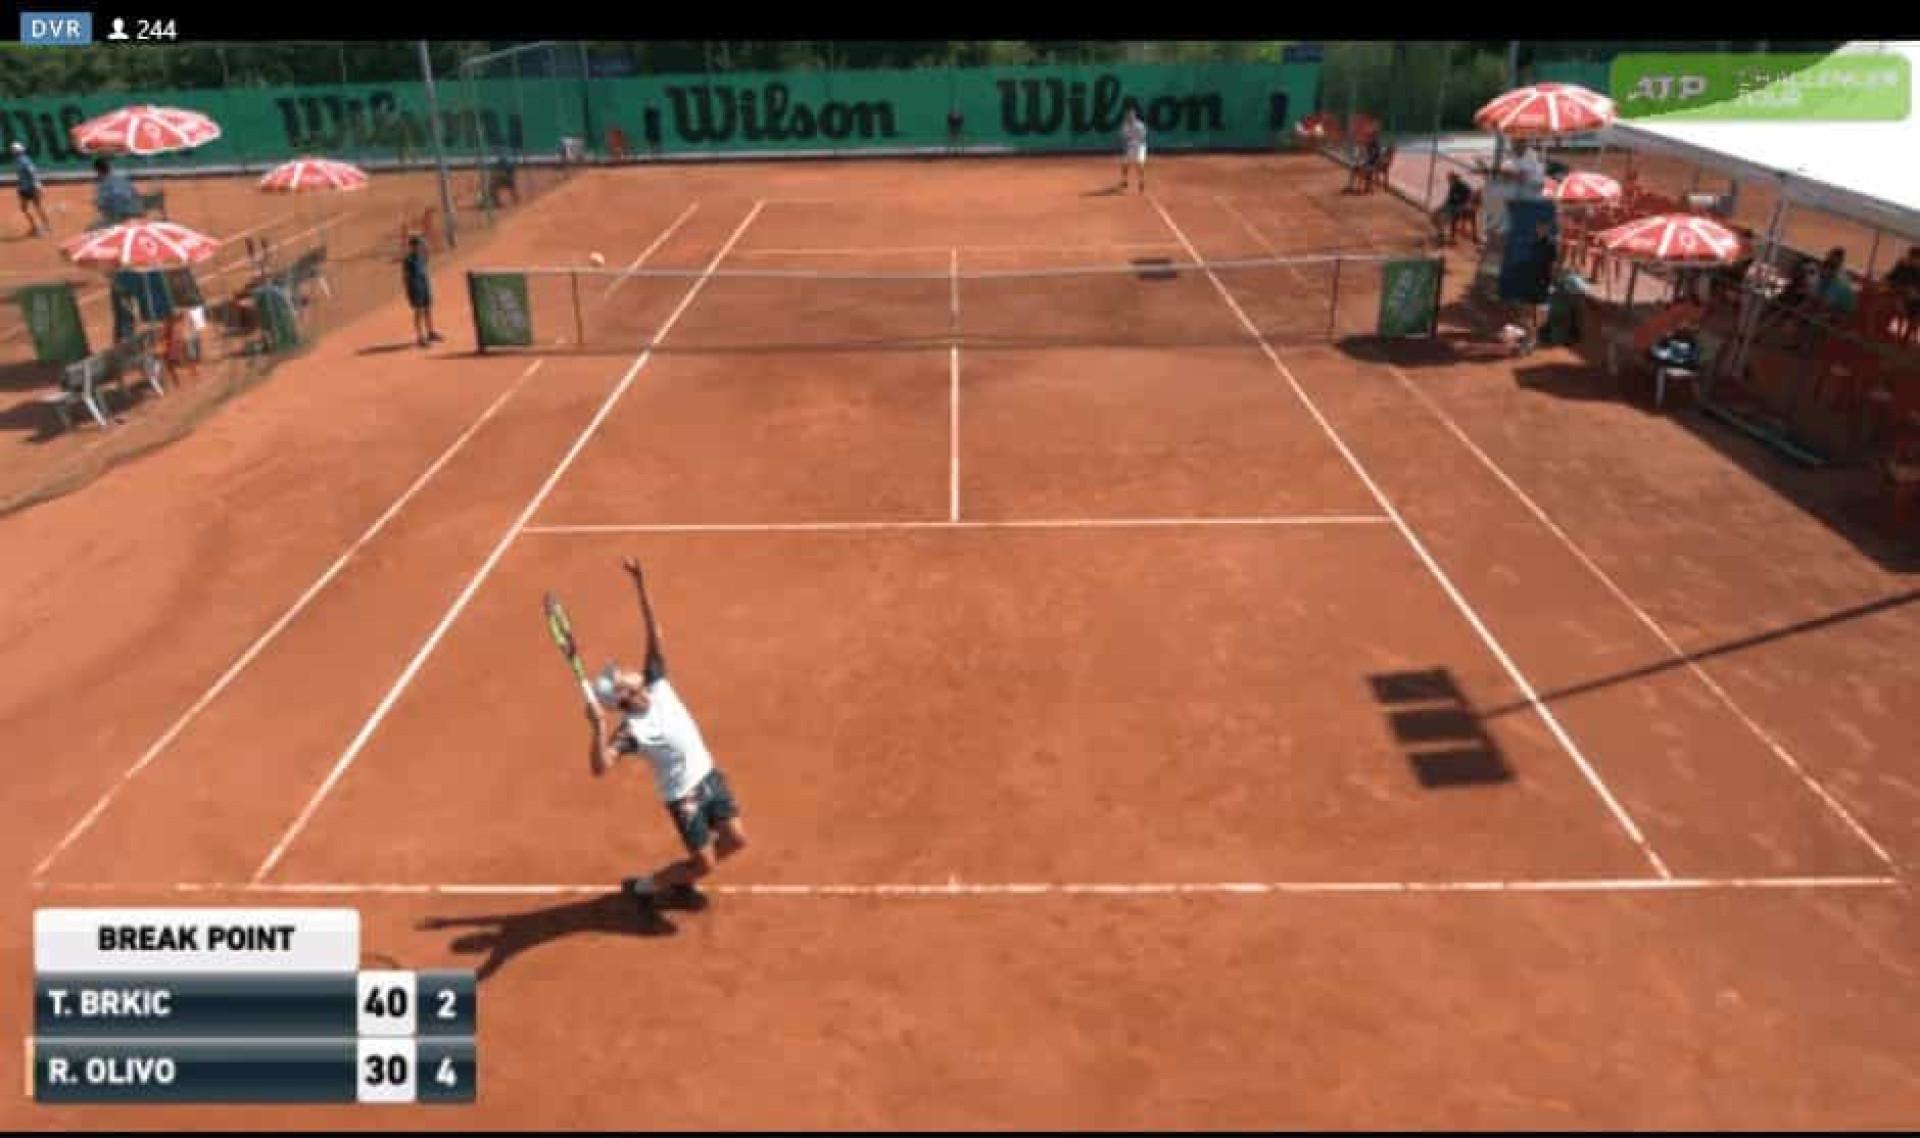 Tenista perde a cabeça, atira raquete e quase acerta no apanha-bolas